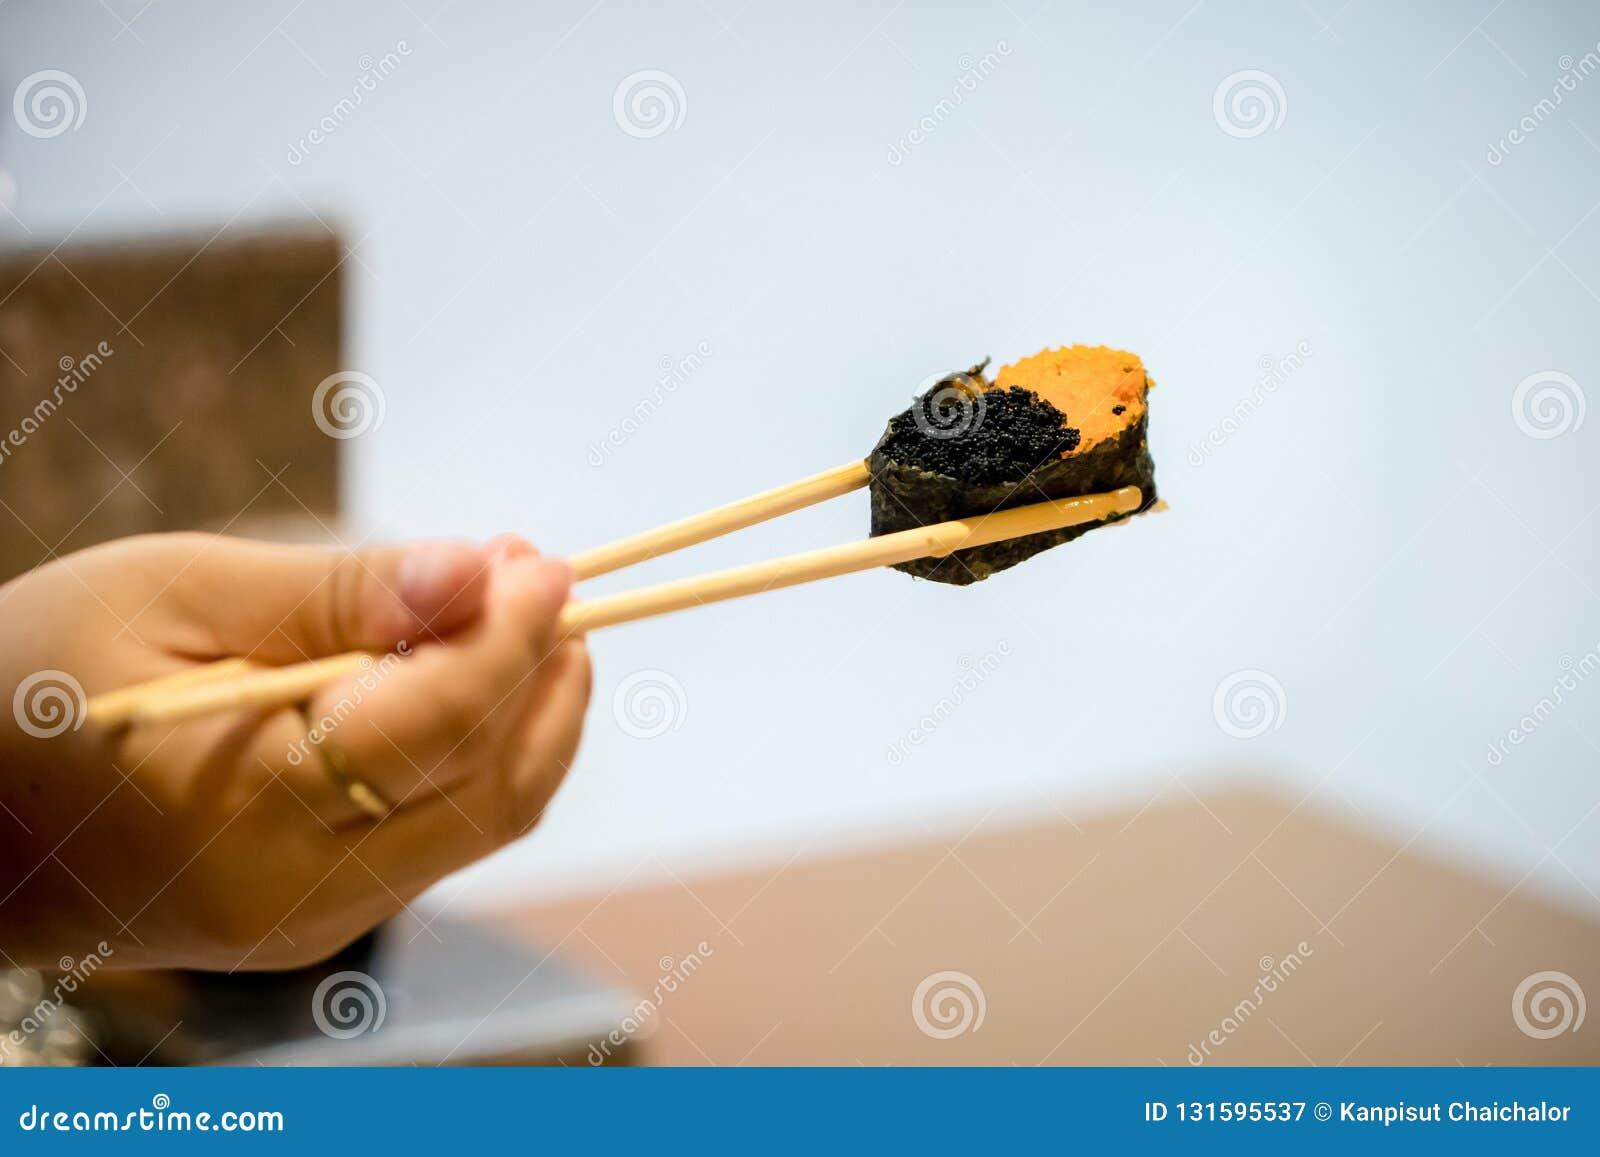 Κλείστε επάνω chopsticks τη λαβή στα ιαπωνικά τρόφιμα γαρίδων αυγών σουσιών για υγιή σούσια unagi, επιλογές σουσιών ασφαλίστρου